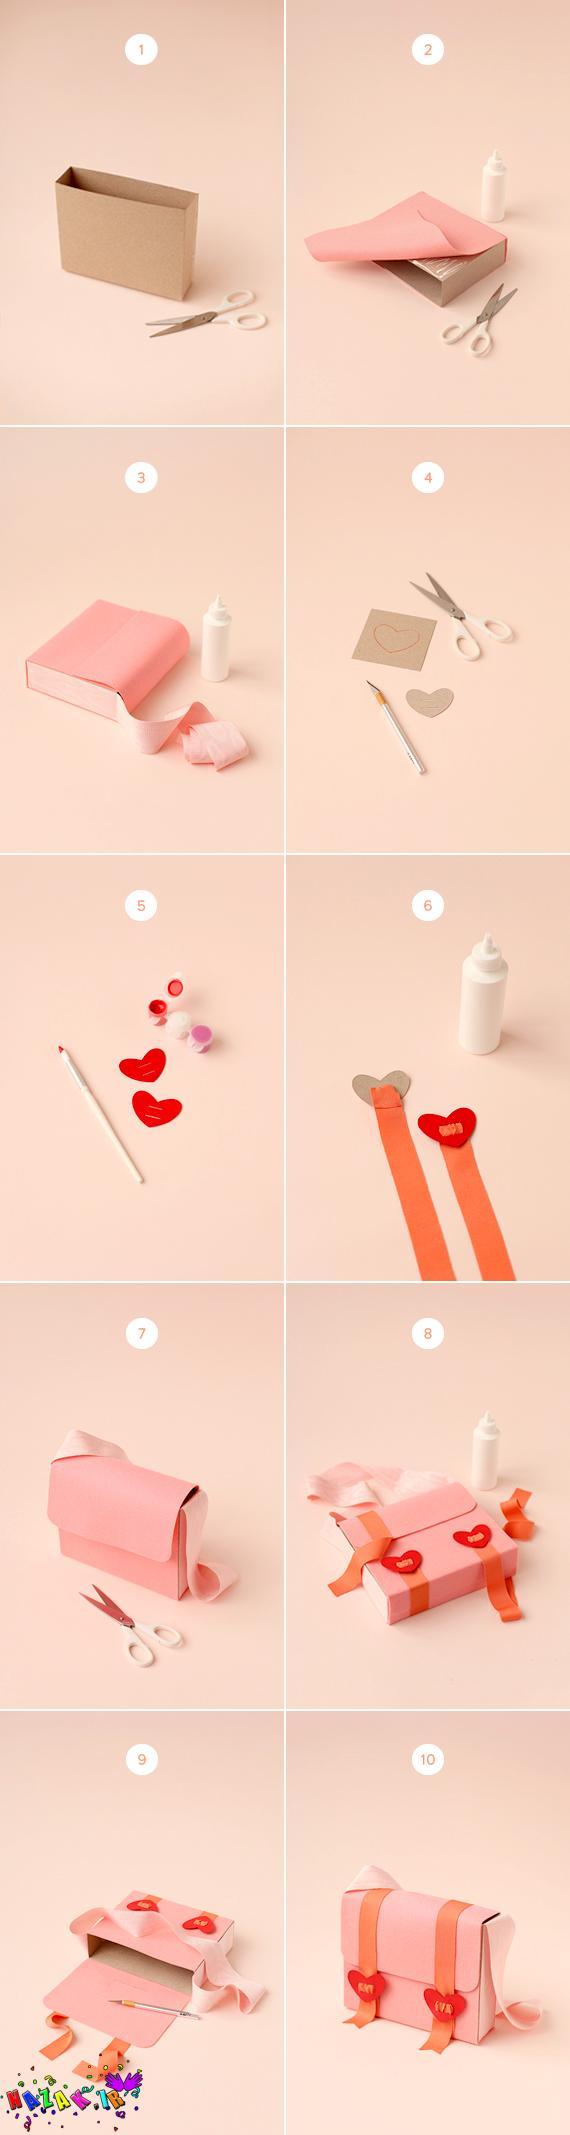 ساخت کاردستی یک کیف زیبای دخنرانه + تصاویر